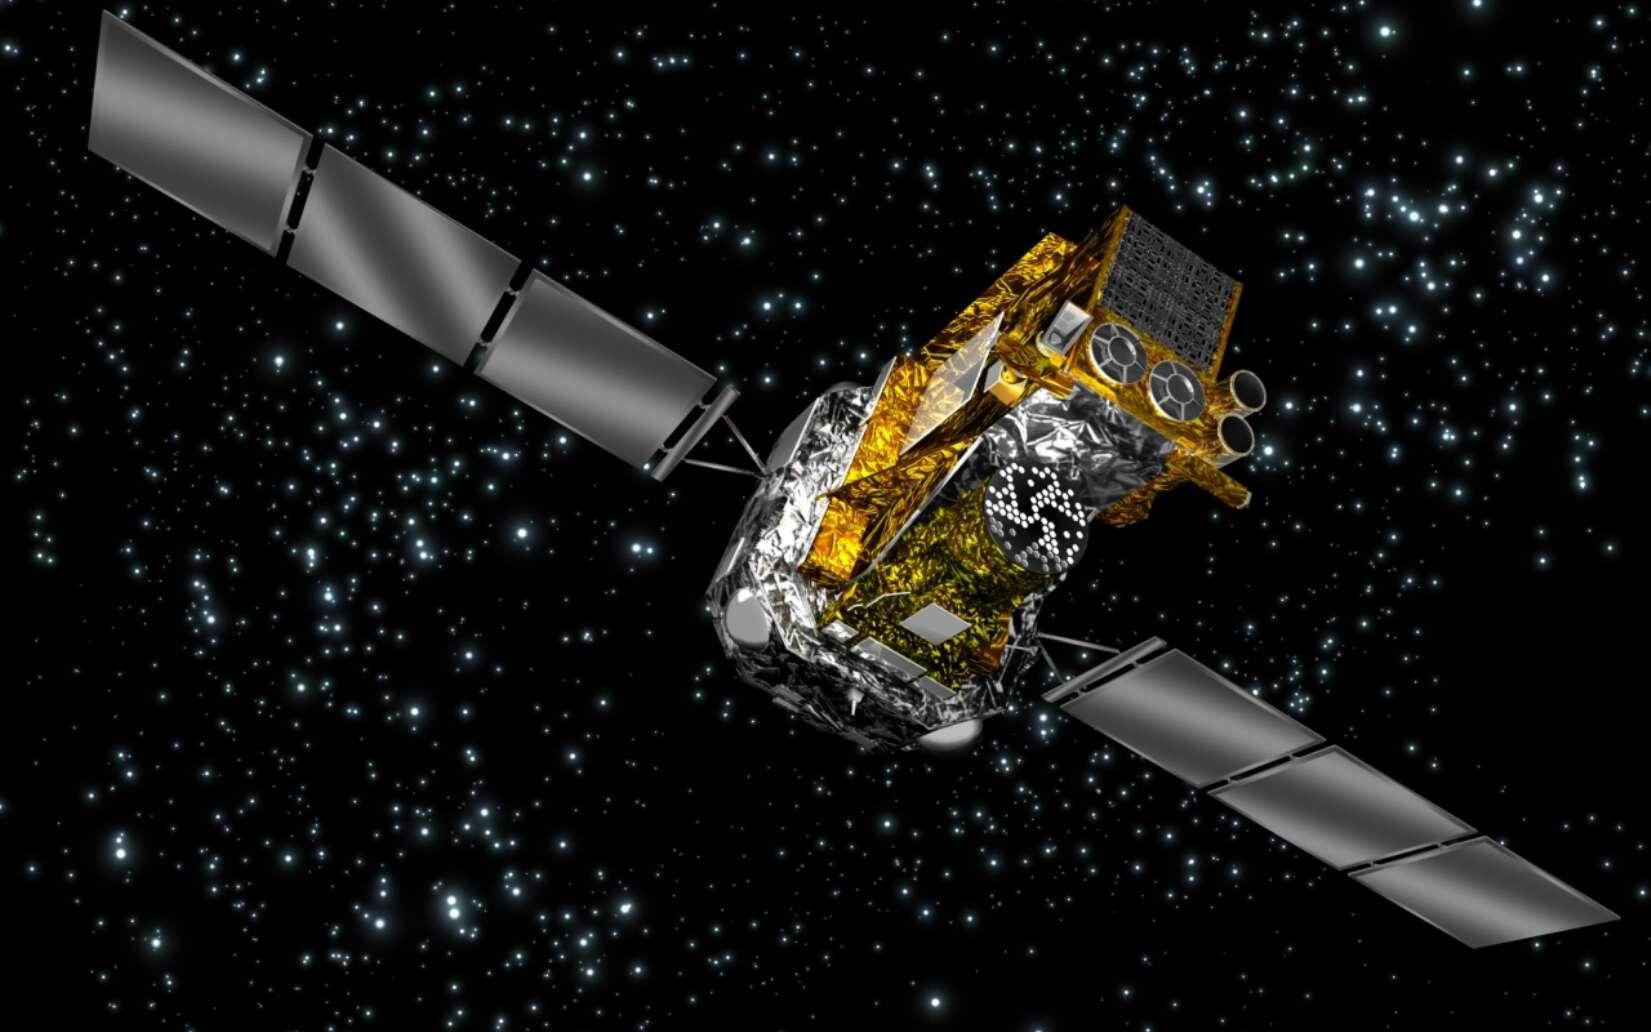 Une vue d'artiste du INTErnational Gamma-Ray Astrophysics Laboratory (Integral) observant un sursaut gamma sur la voûte céleste. © Esa 2002, illustration par Medialab